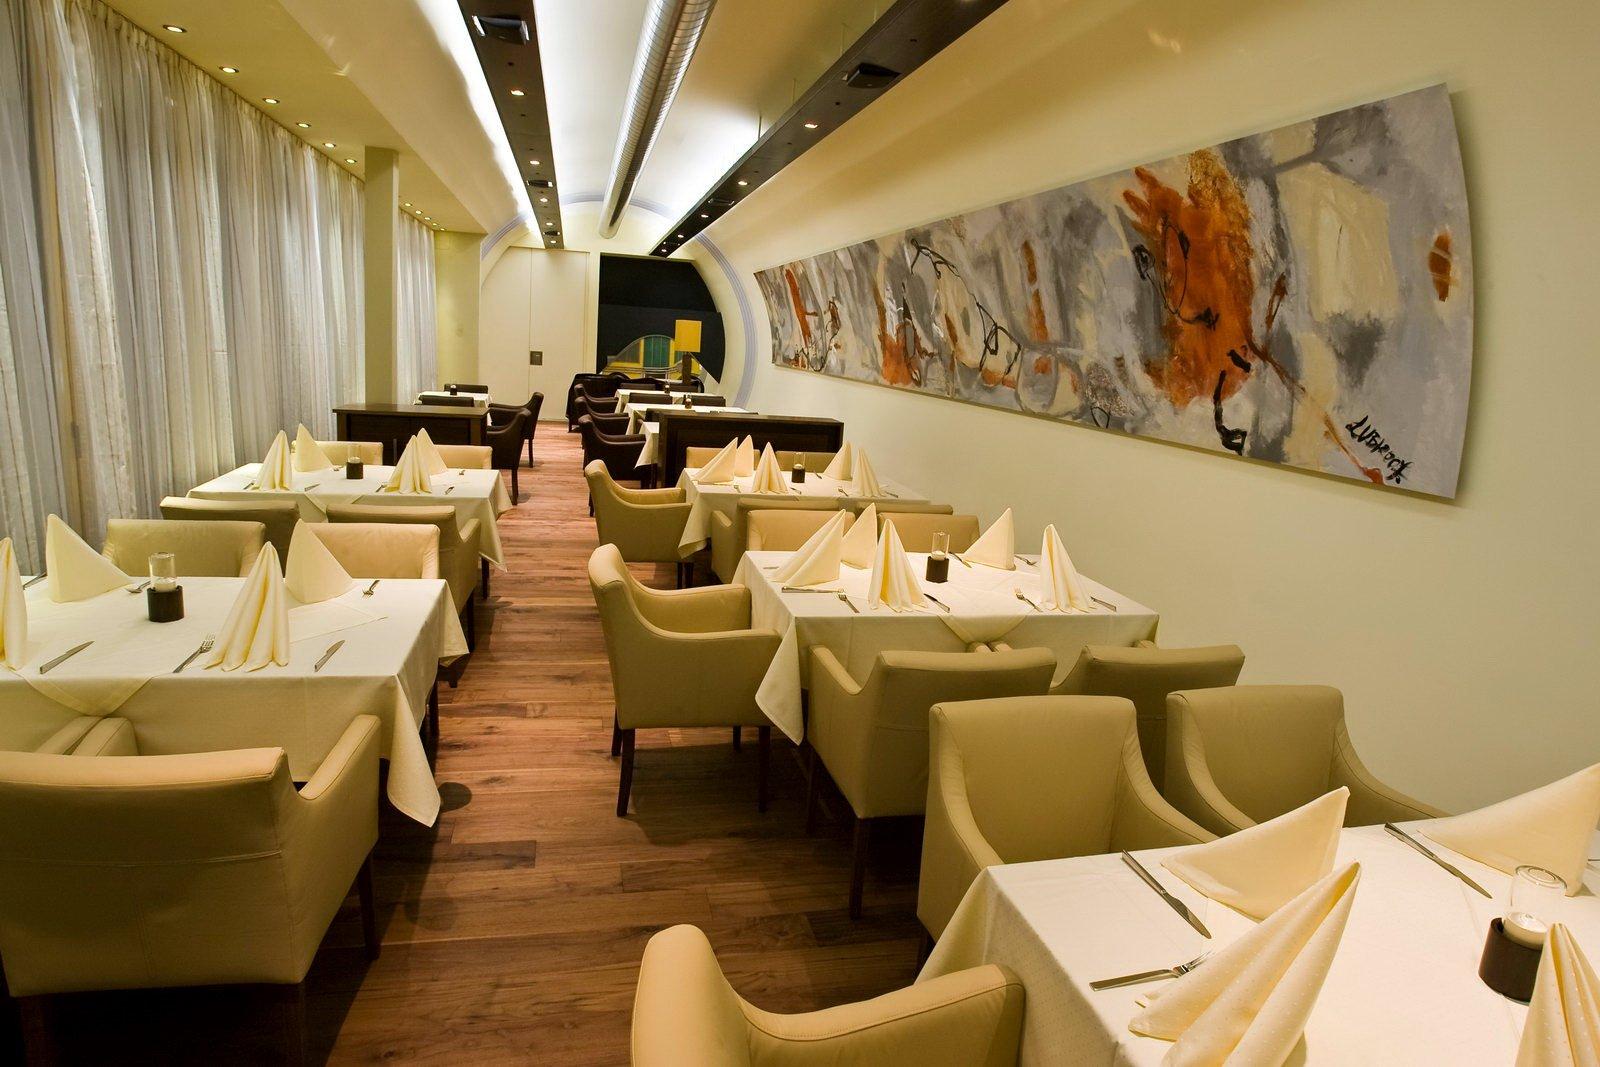 Restaurante al estilo volkswagen beetle decoraci n del hogar for Decoracion de banos de restaurantes